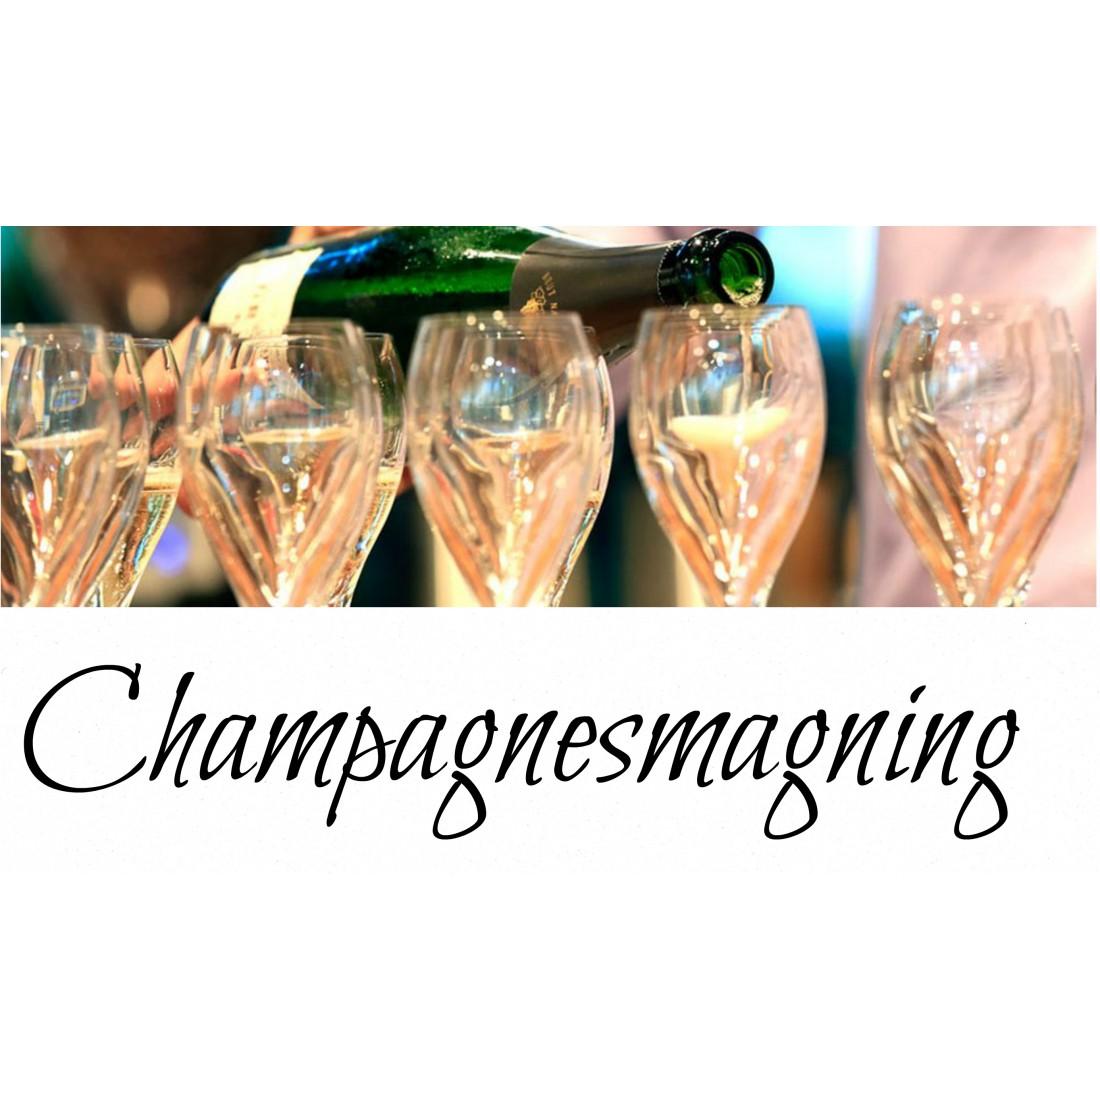 Champagnesmagning lørdag den 27 juli kl. 19.00 I ChampagneKælderen-31